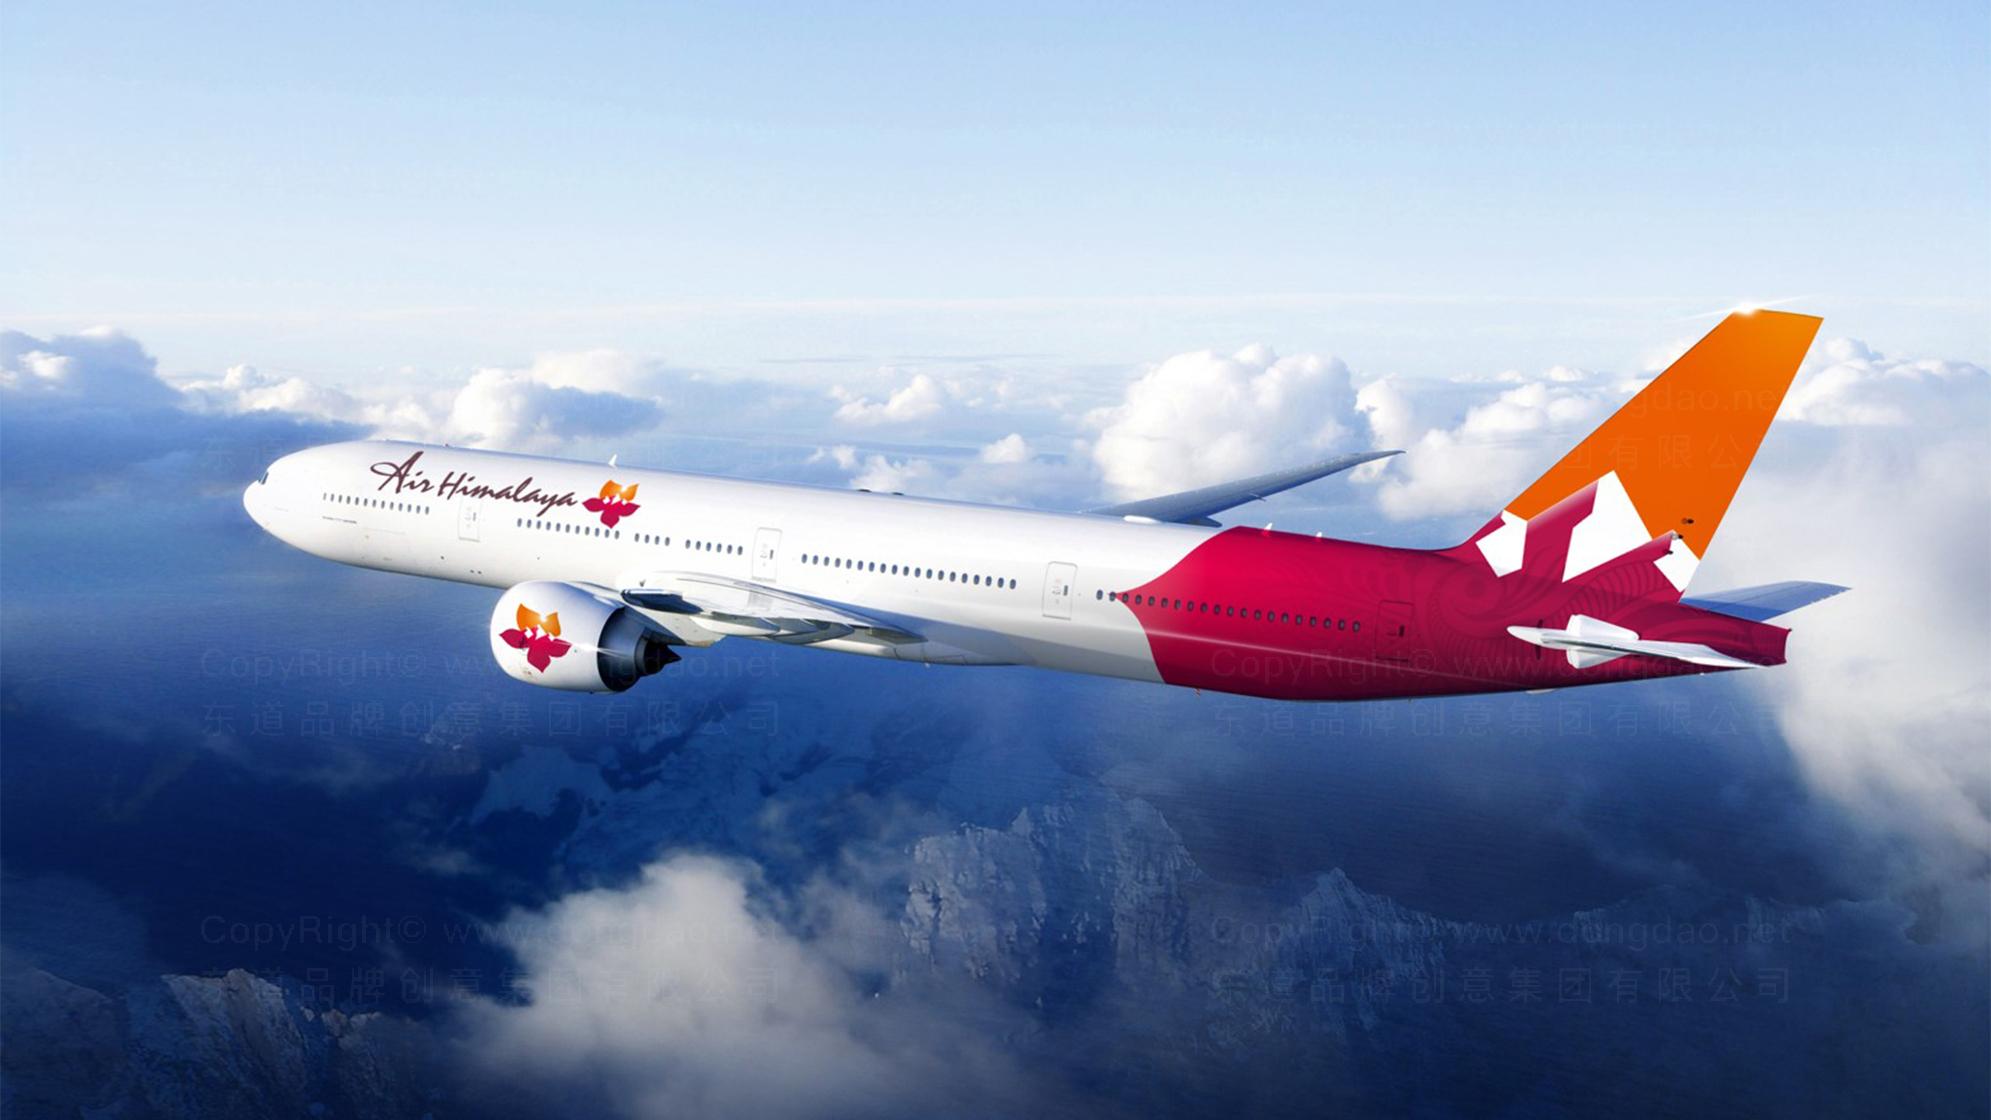 品牌设计案例喜马拉雅航空设计方案